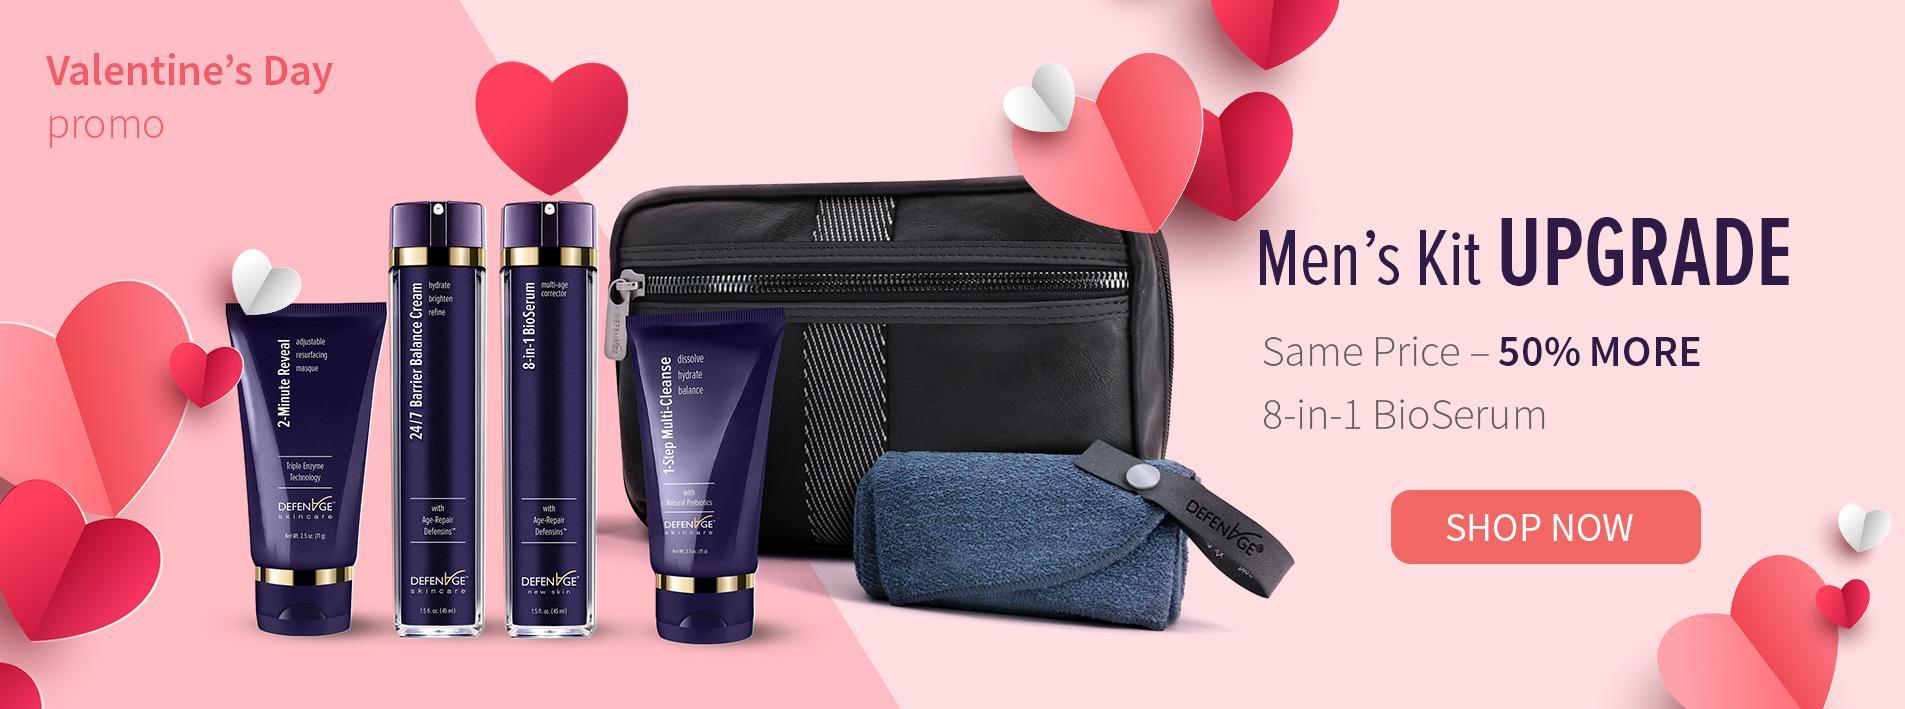 Men's Skincare Kit for Valentine's Day